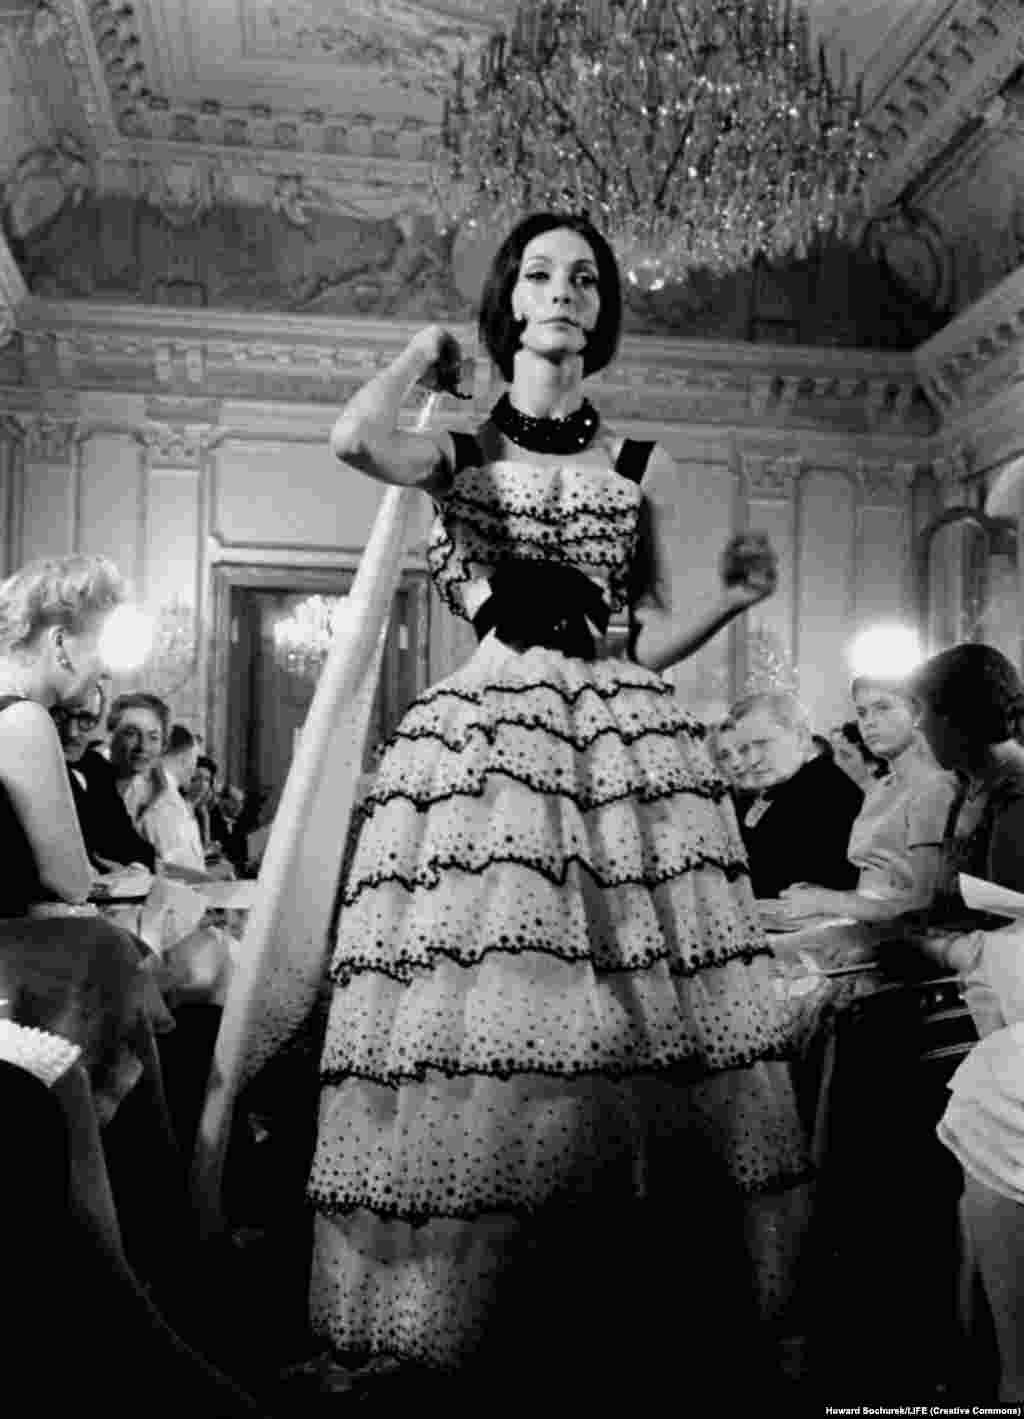 Кука Денис в вечернем платье Диора. Дом моды Диора в то время возглавлял 23-летний Ив Сен-Лоран.